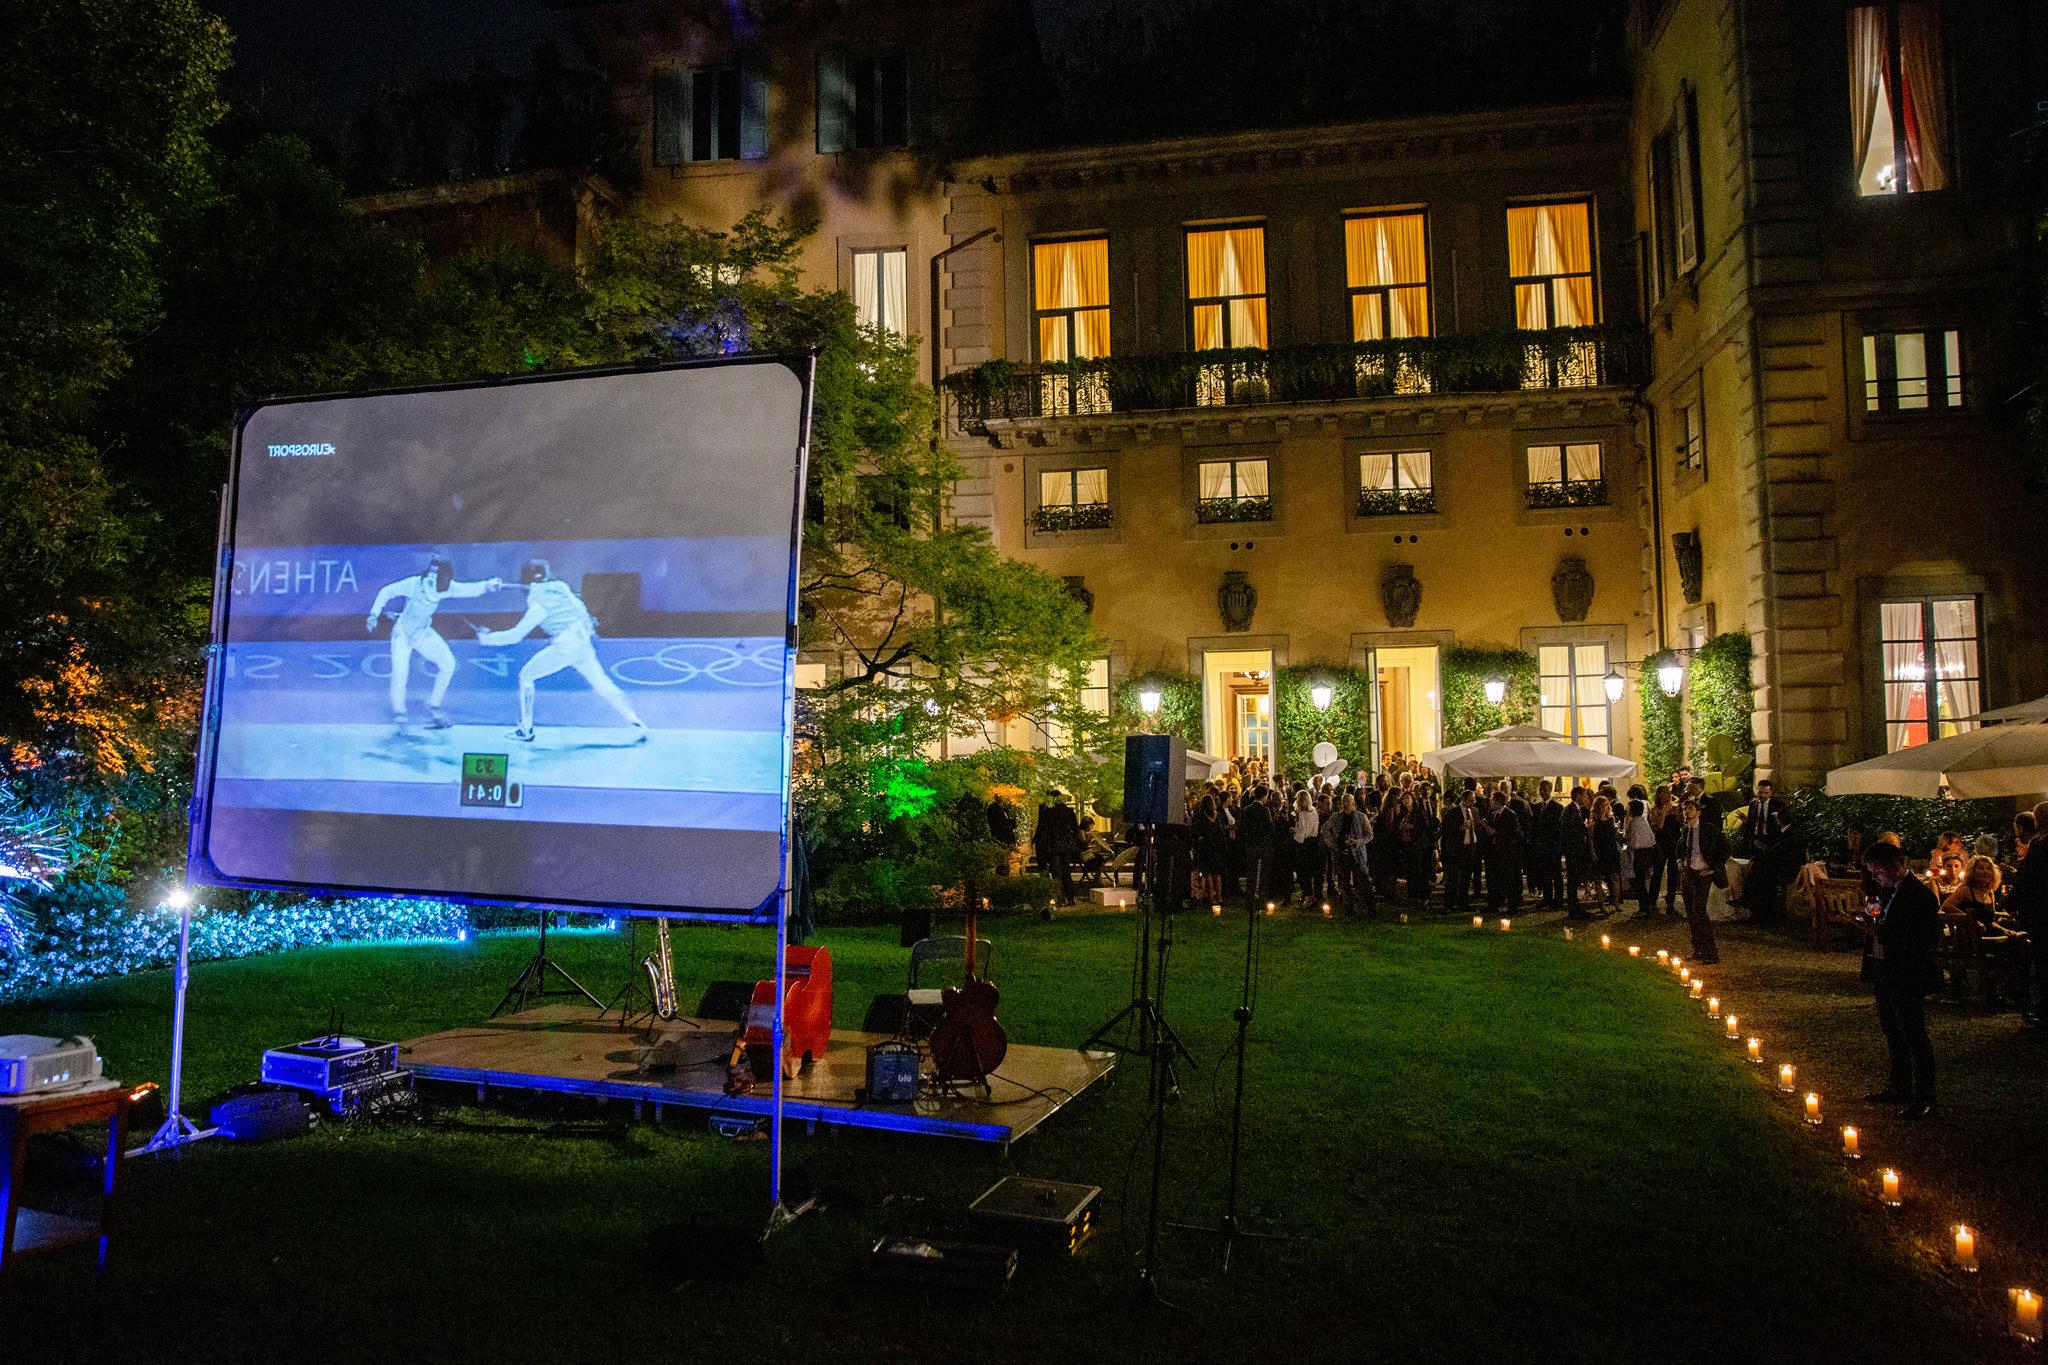 La sfida di scherma con Valentina Vezzali è proiettata sullo schermo del cortile della Società del Giardino